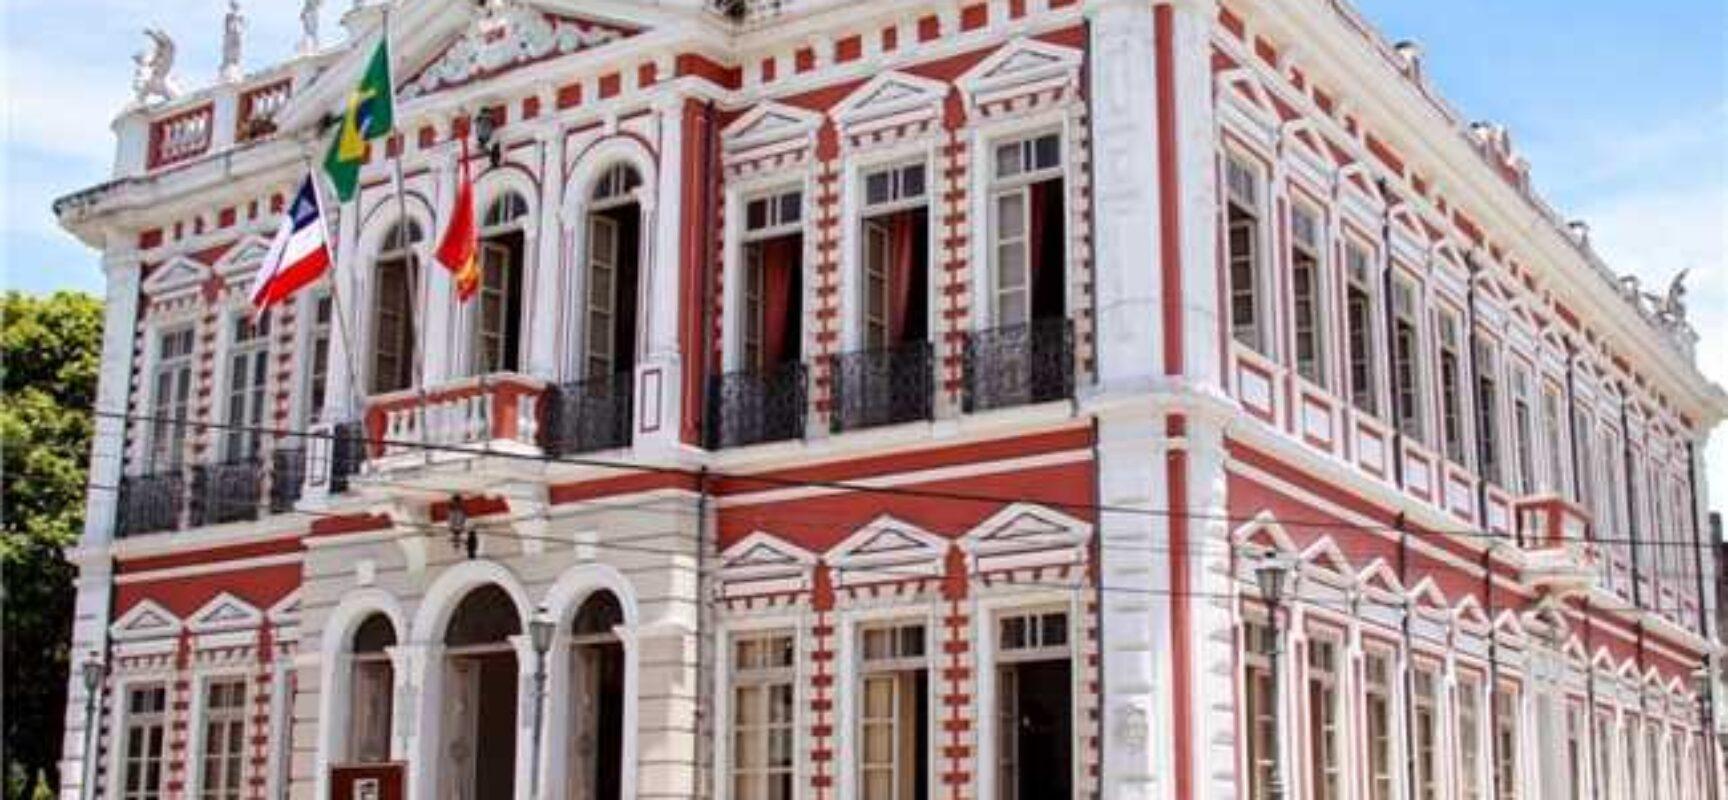 Parceria entre Prefeitura de Ilhéus e RecordTV Cabrália amplia comunicação durante pandemia